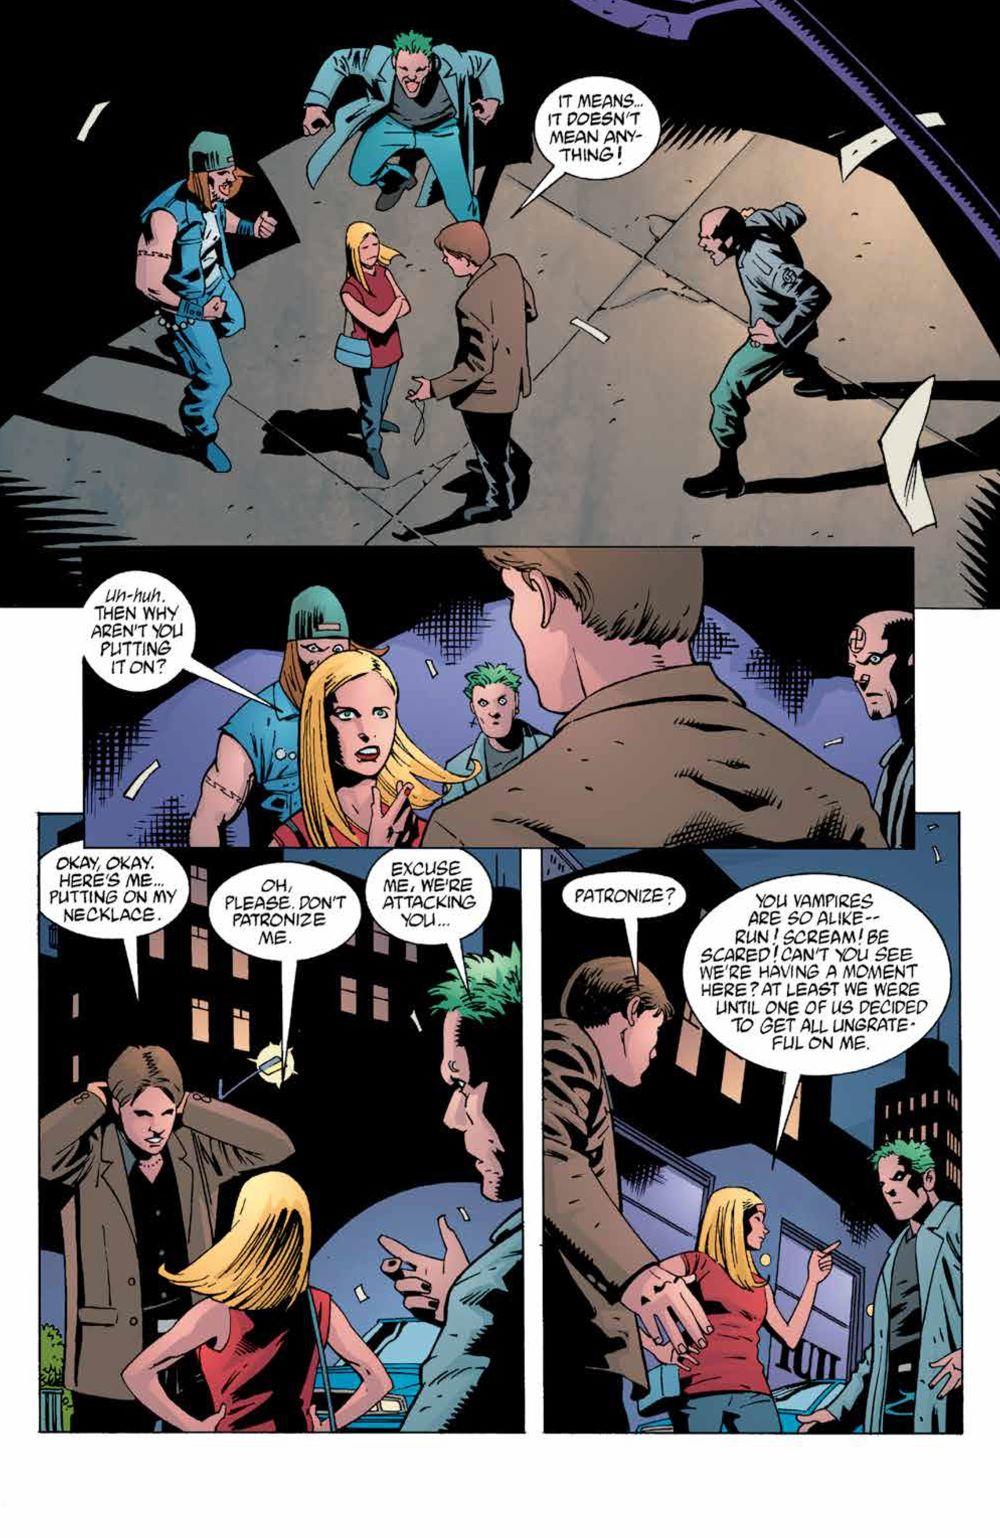 Buffy_Legacy_v4_SC_PRESS_11 ComicList Previews: BUFFY THE VAMPIRE SLAYER LEGACY EDITION VOLUME 4 SC